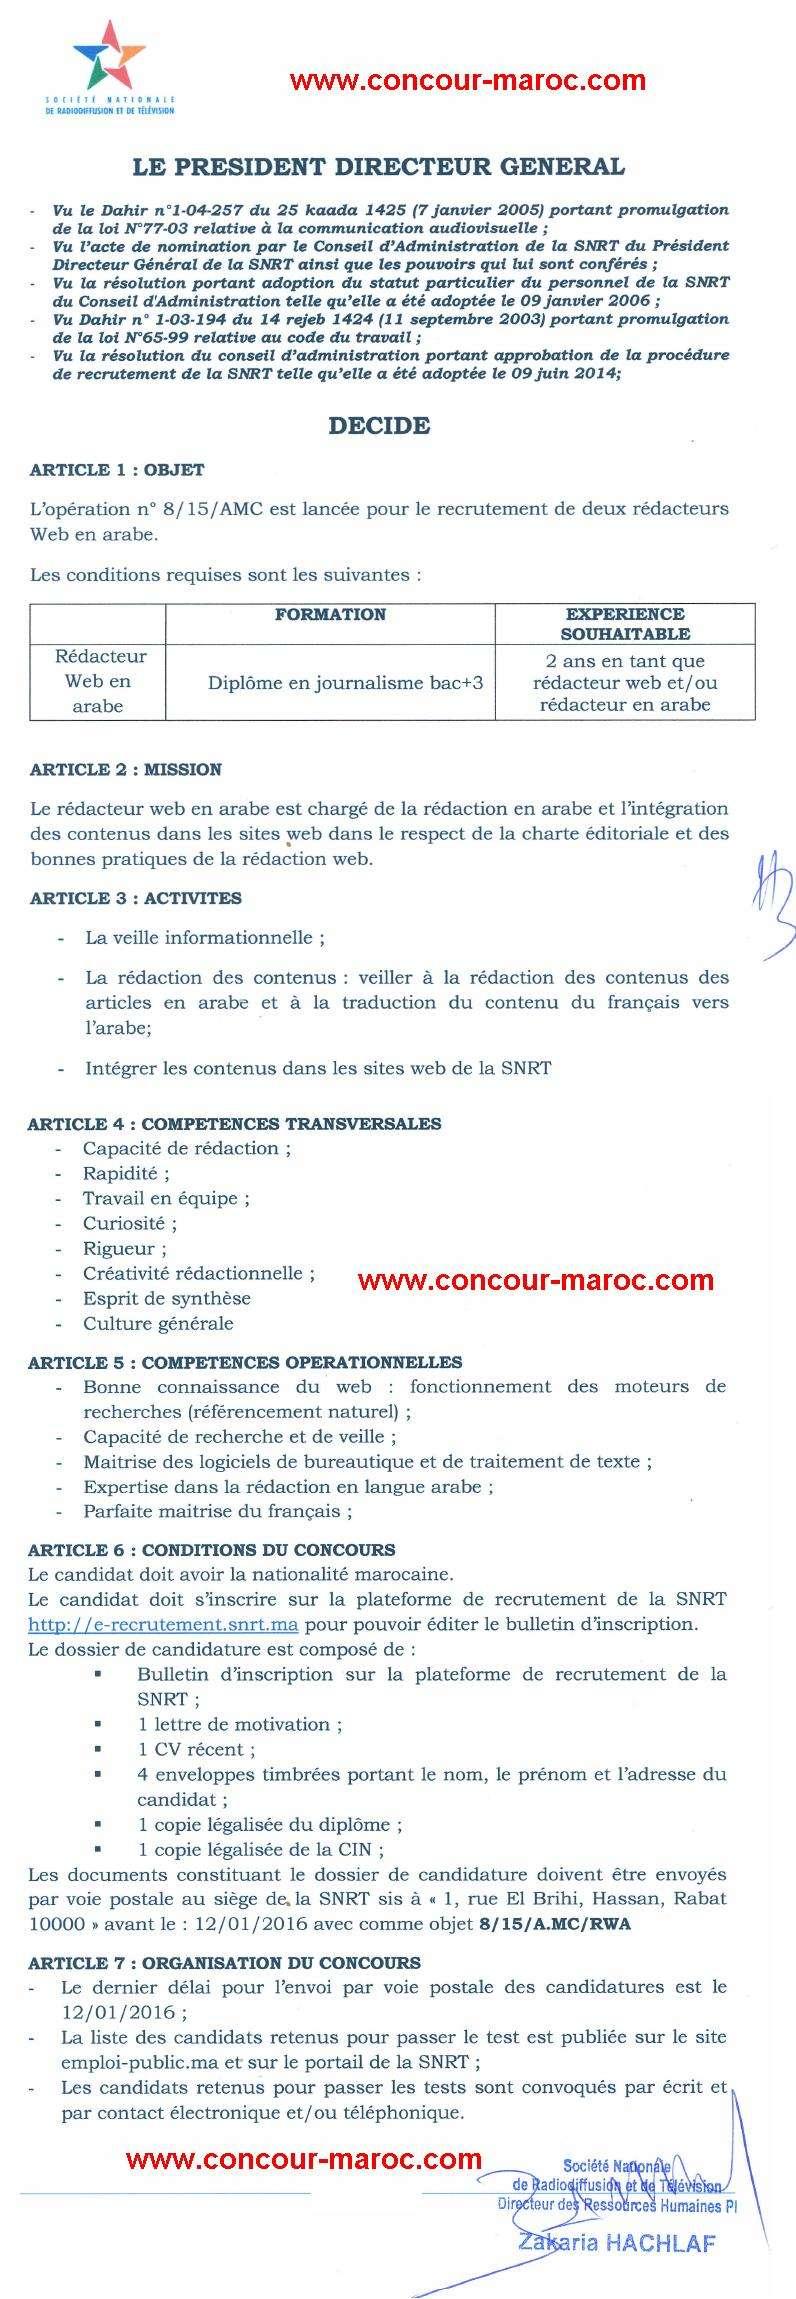 الشركة الوطنية للإذاعة والتلفزة : مباراة لتوظيف محرر الويب بالعربية (2 منصبان) آخر أجل لإيداع الترشيحات  12 يناير 2016 Concou70